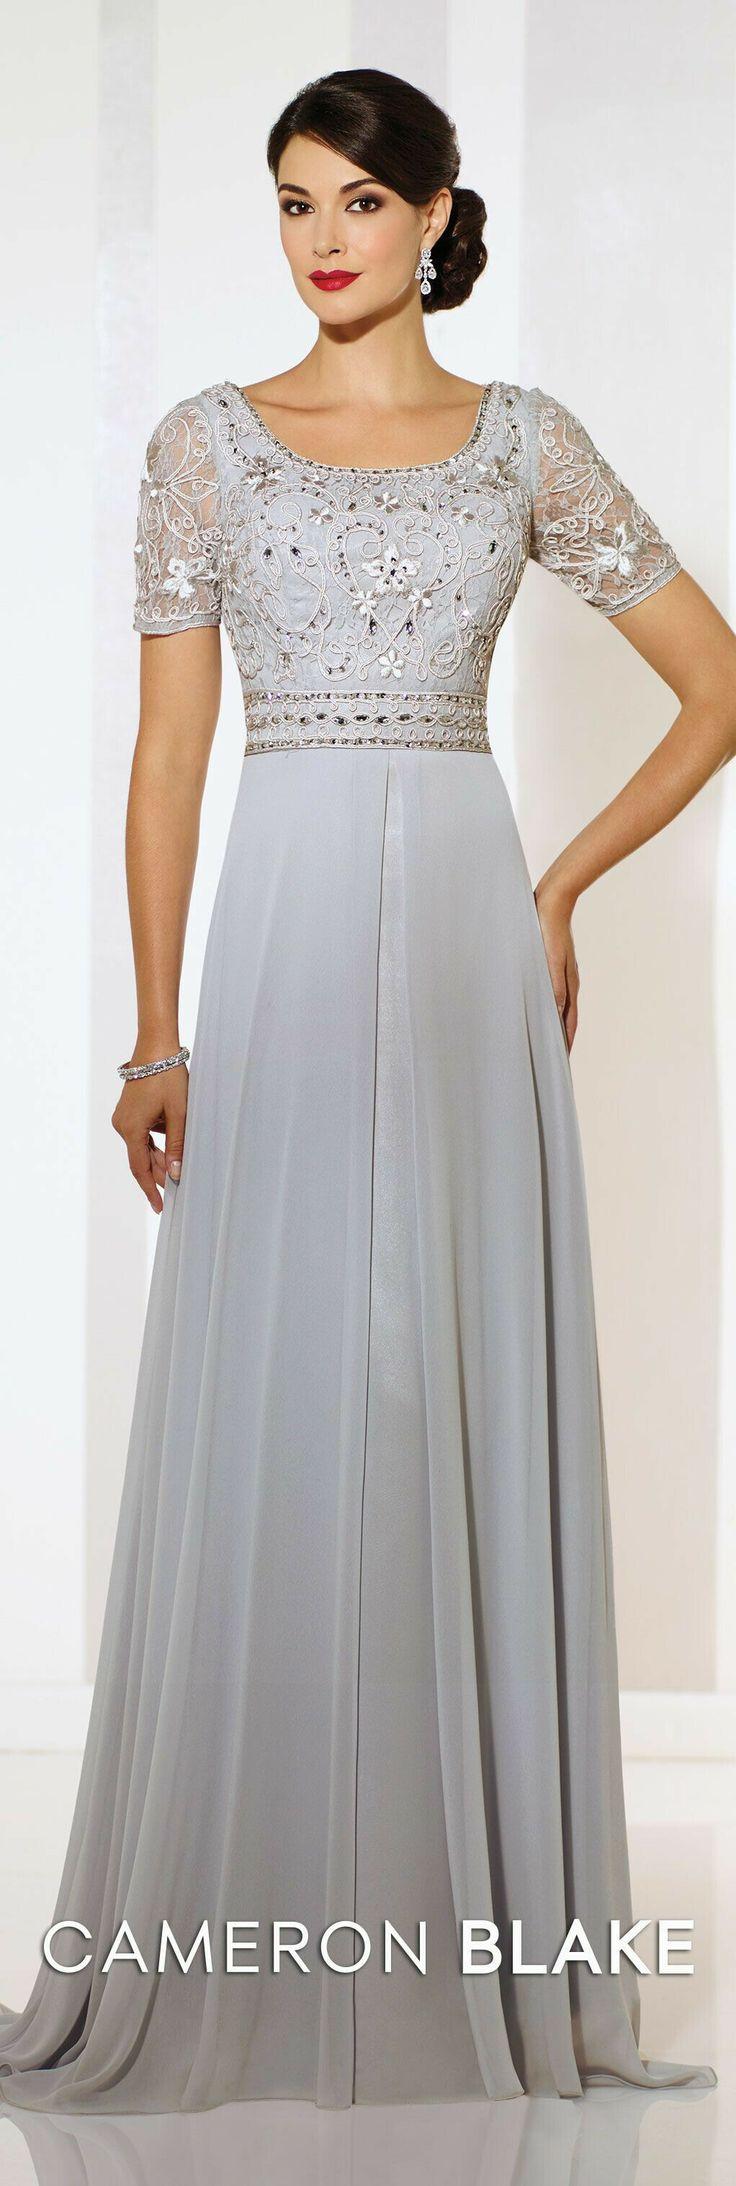 283 besten Stylish Dresses Bilder auf Pinterest | Abendkleid, Lange ...